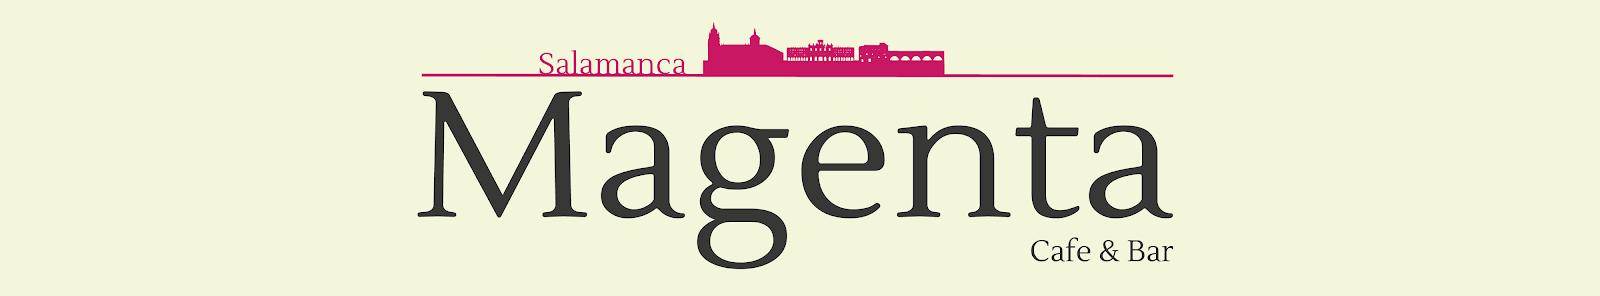 Salamanca Magenta Cafe & Bar